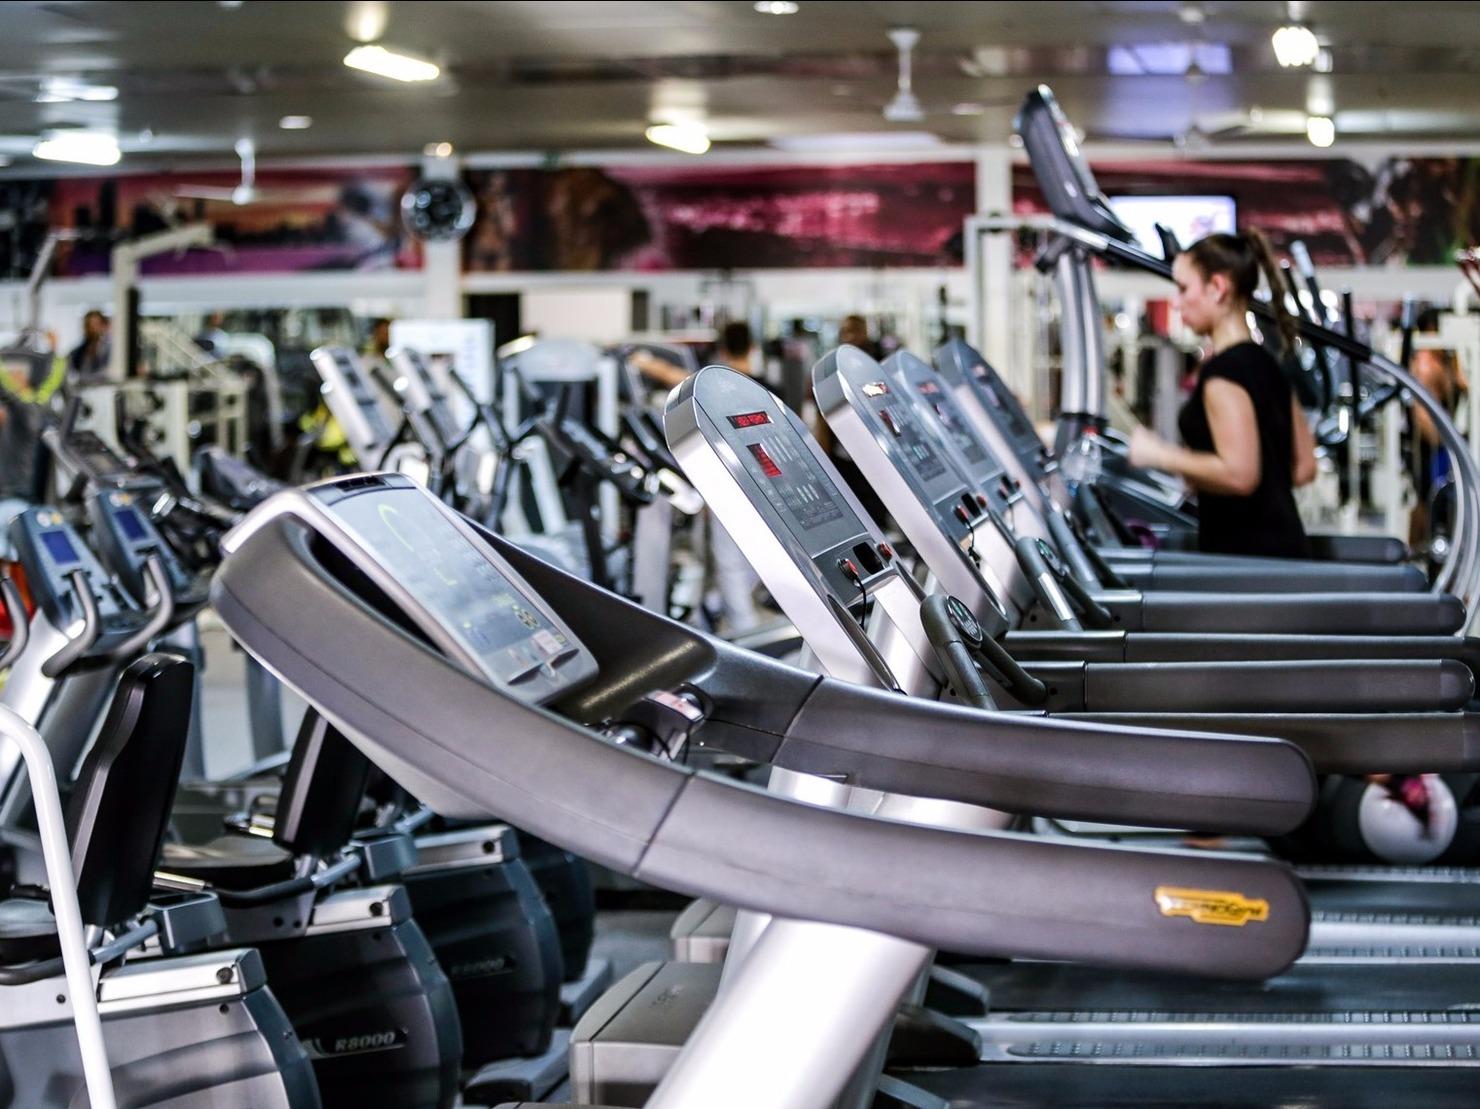 Iron Gym Fleury les Aubrais